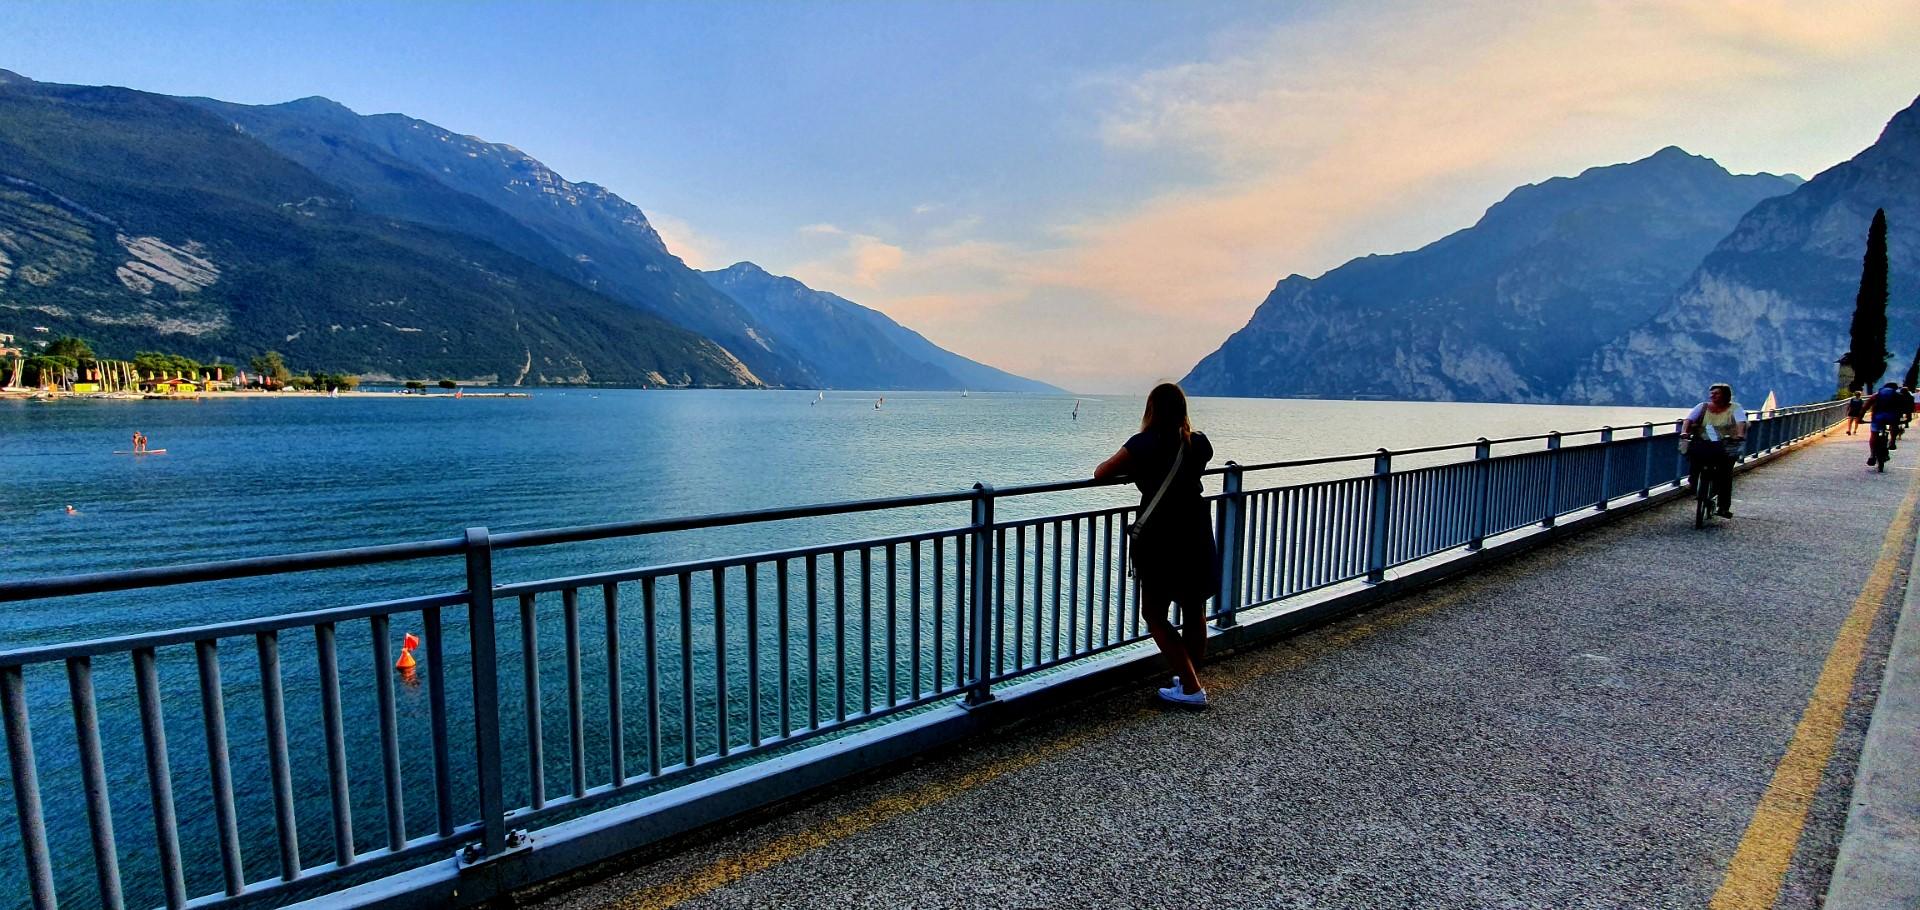 Dziewczyna w sukience, opierająca się o barierkę podziwiająca Jezioro Garda.